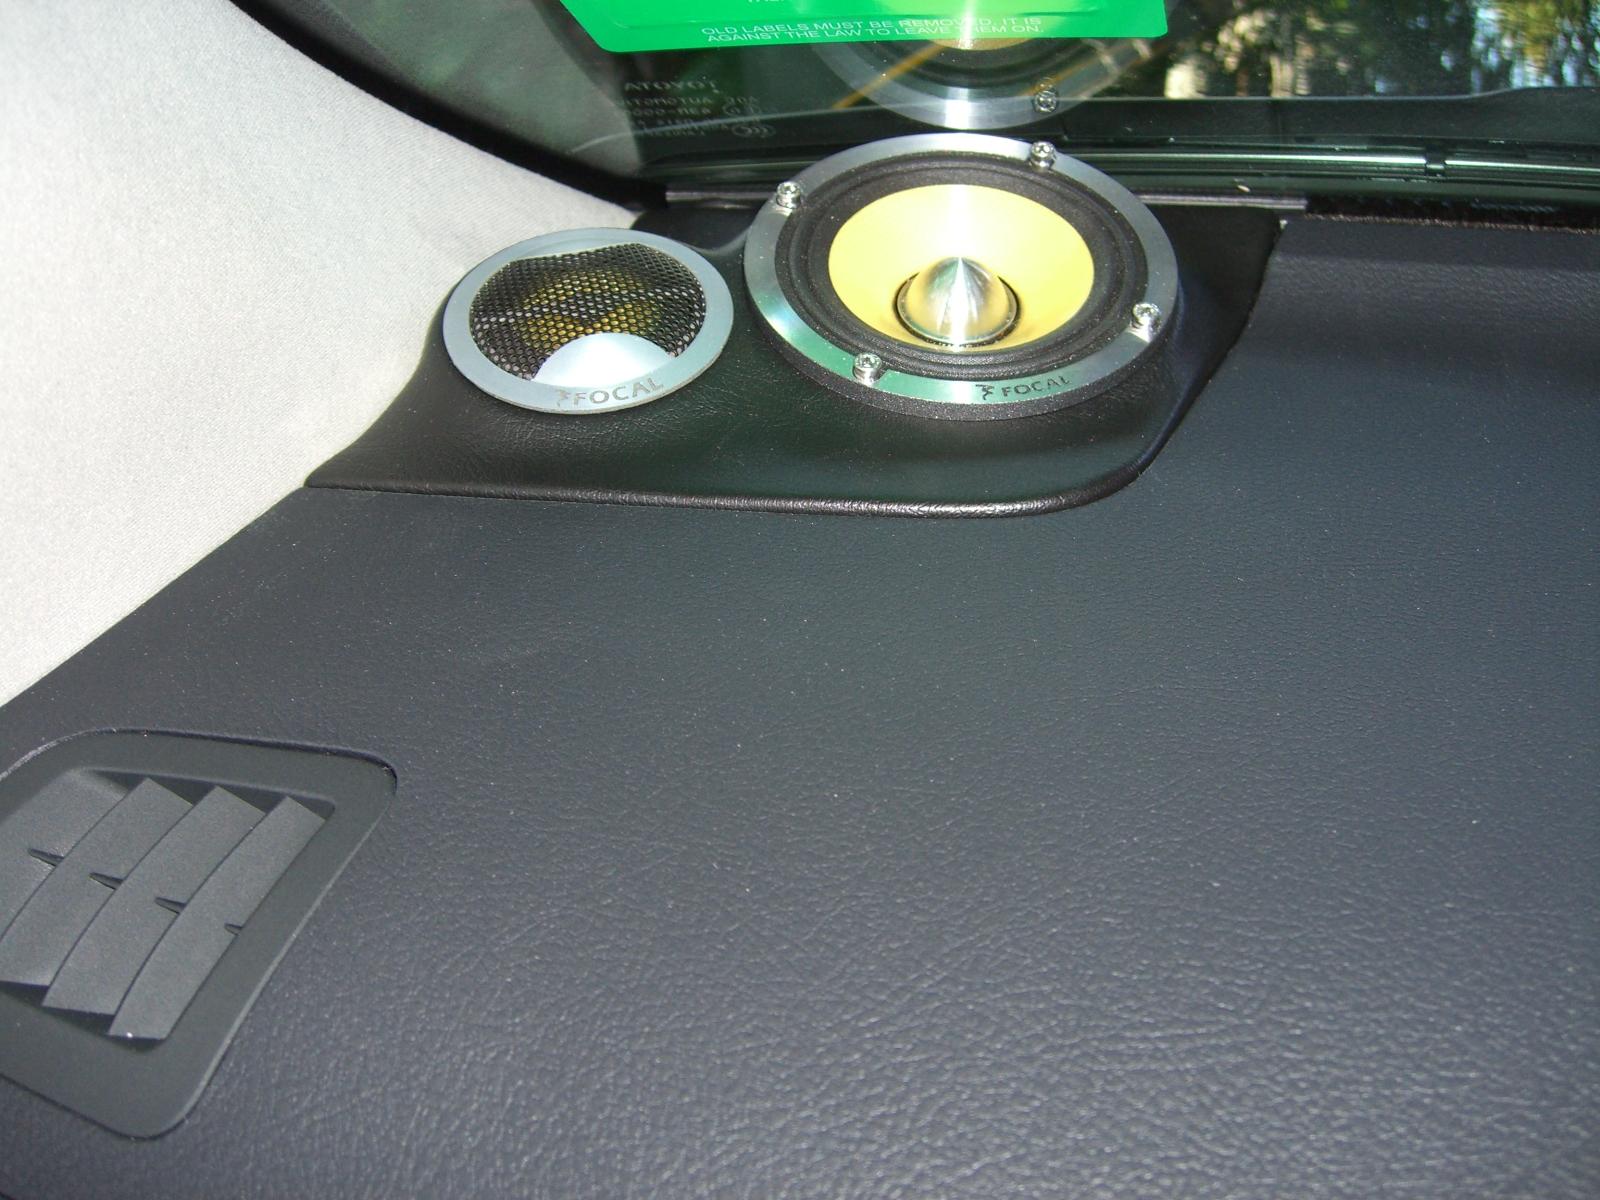 Toyota Landcruiser 200 series VX, GPS Navigation, Focal